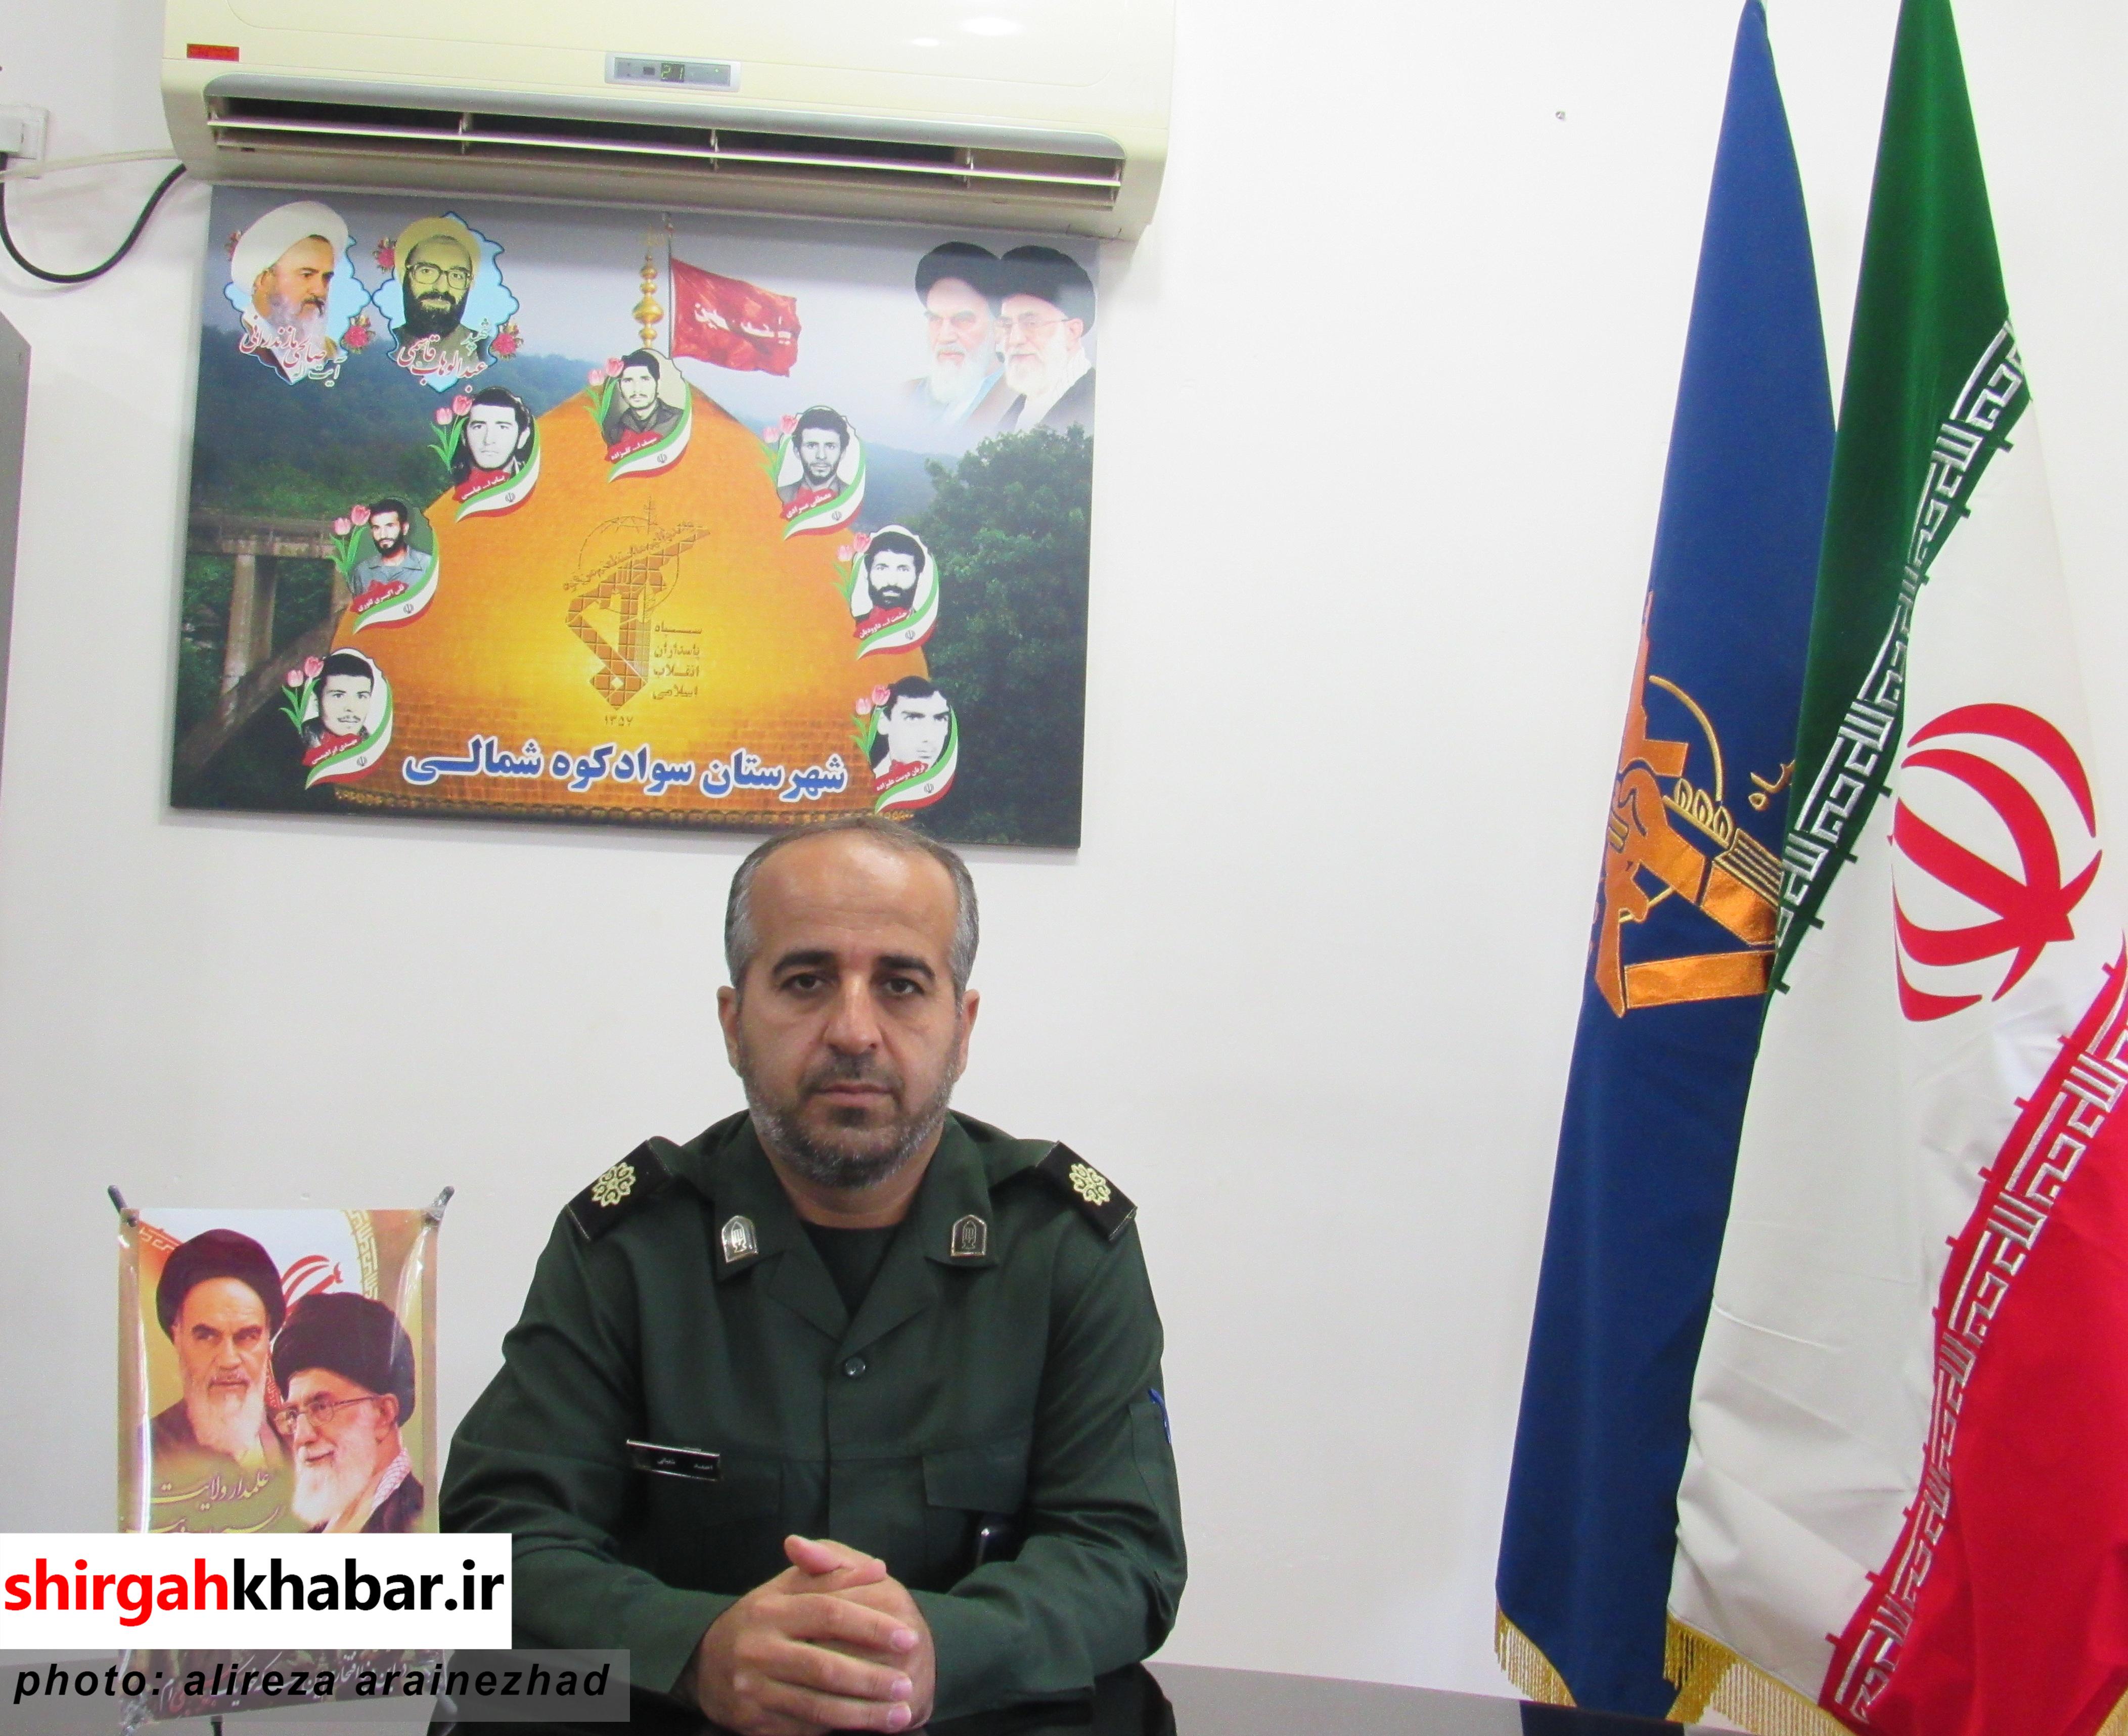 سرگرد پاسدار احمد شعبانی فرمانده سپاه سوادکوه شمالی